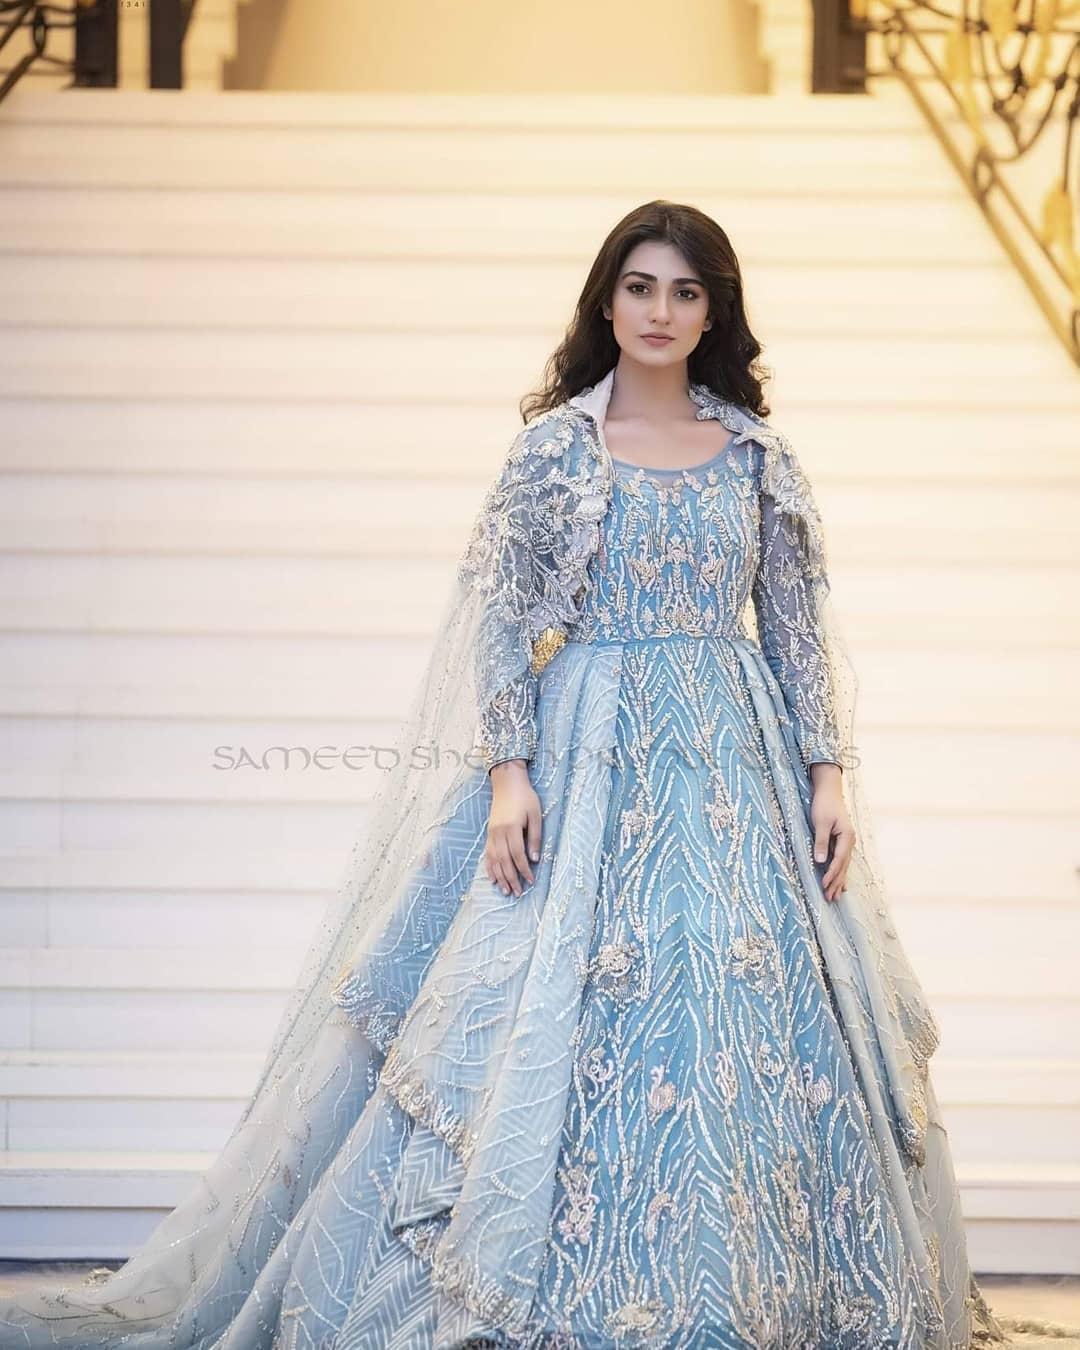 New Awesome Photoshoot of Beautiful Actress Sarah Khan